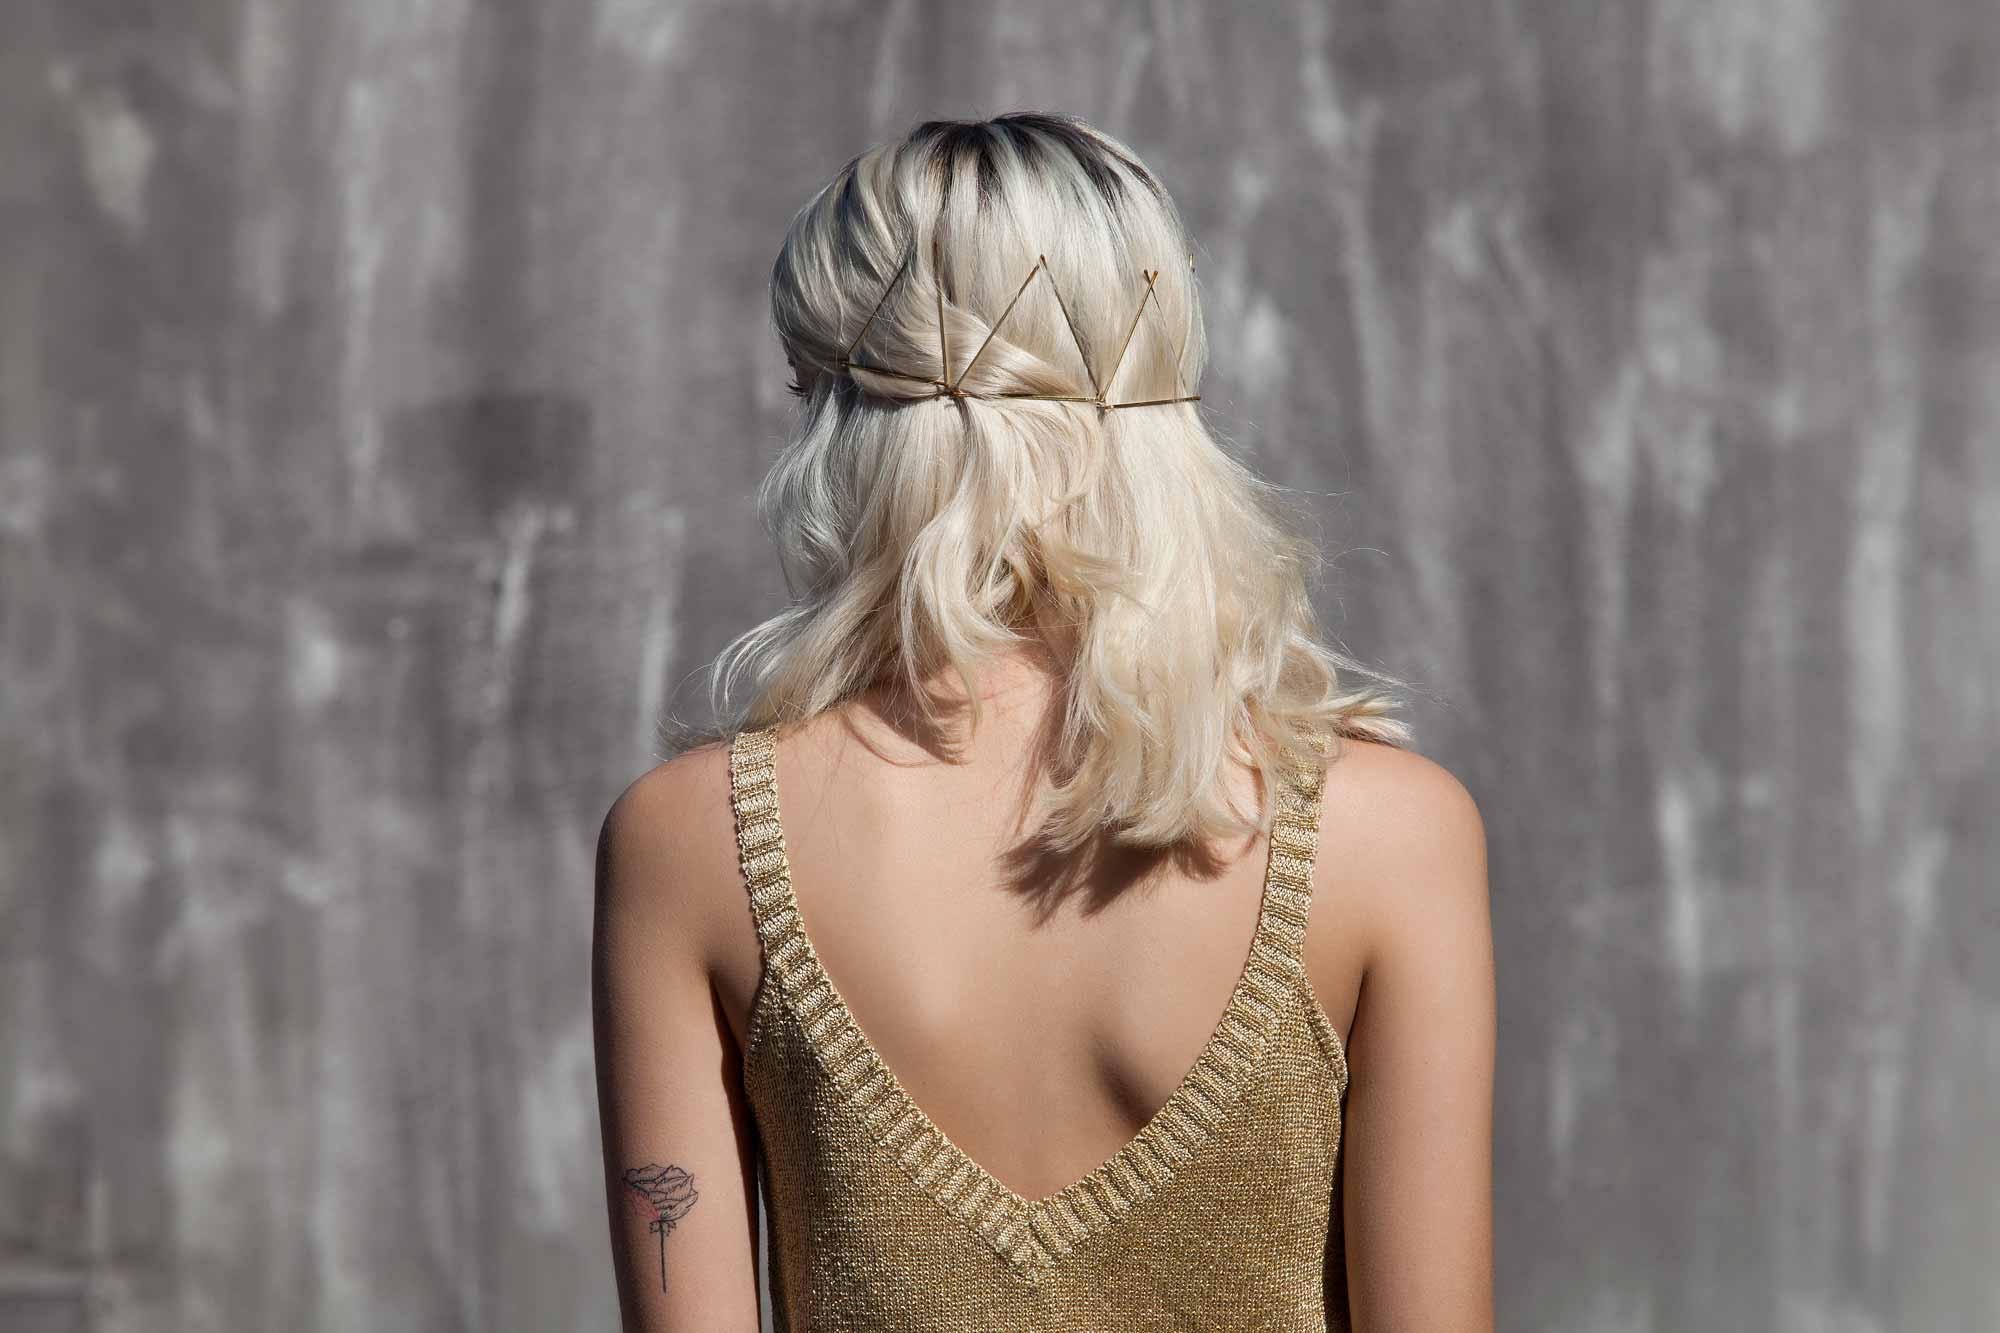 Wsuwki do włosów – wszystko, co chciałabyś o nich wiedzieć